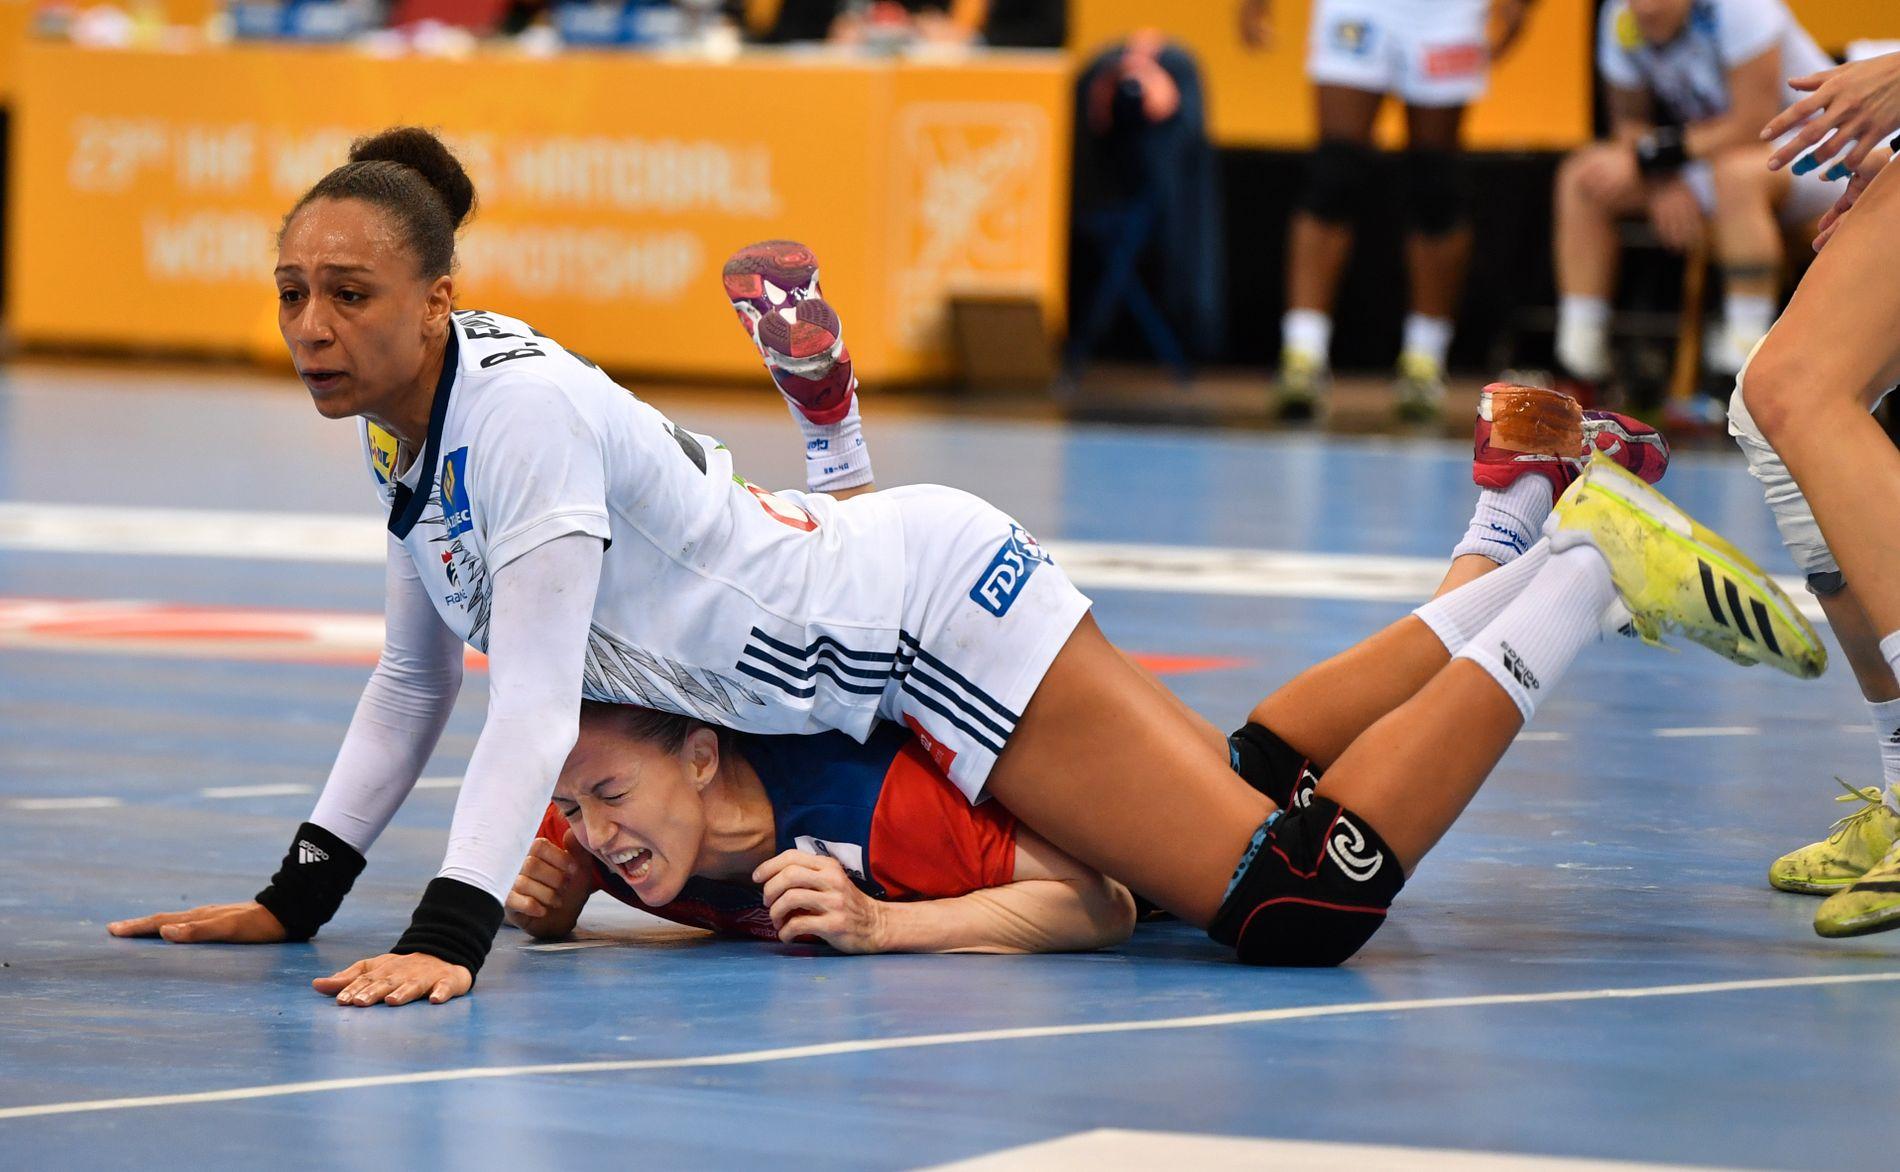 BLE MOST: Ikke lett å være Heidi Løke og Norge i VM-finalen mot Frankrike. Her er det Béatrice Edwige som beskriver overtaket som førte til franske VM-gull.